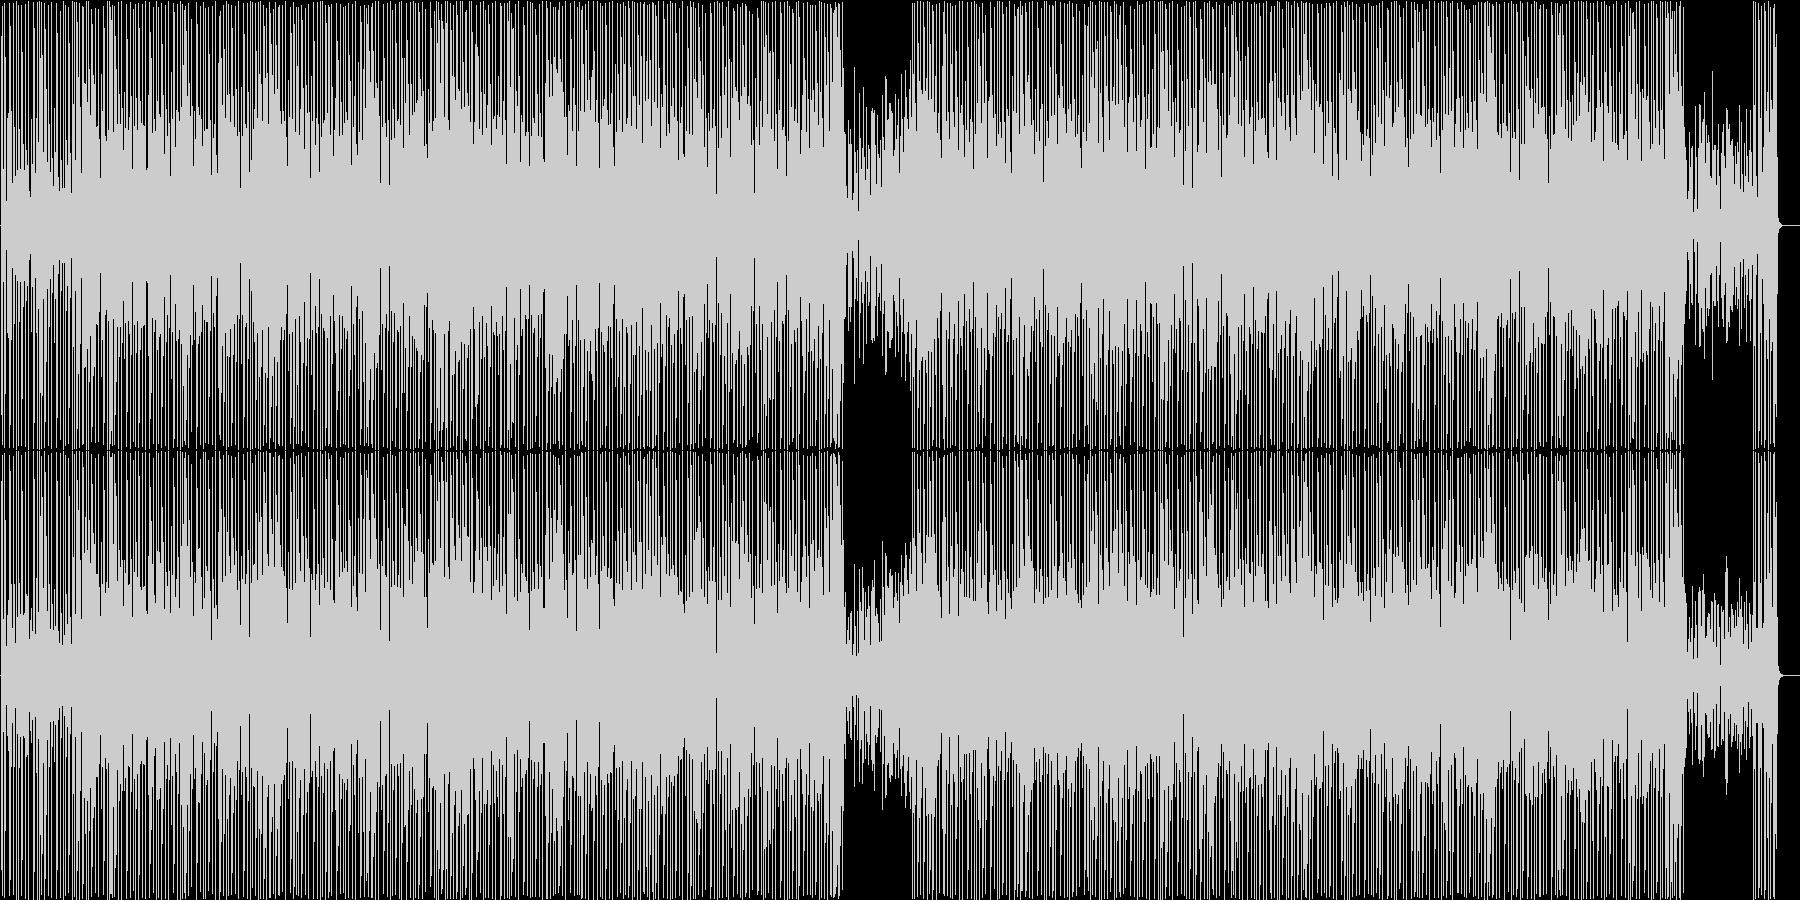 ウクレレをメインとした軽快なBGMです。の未再生の波形